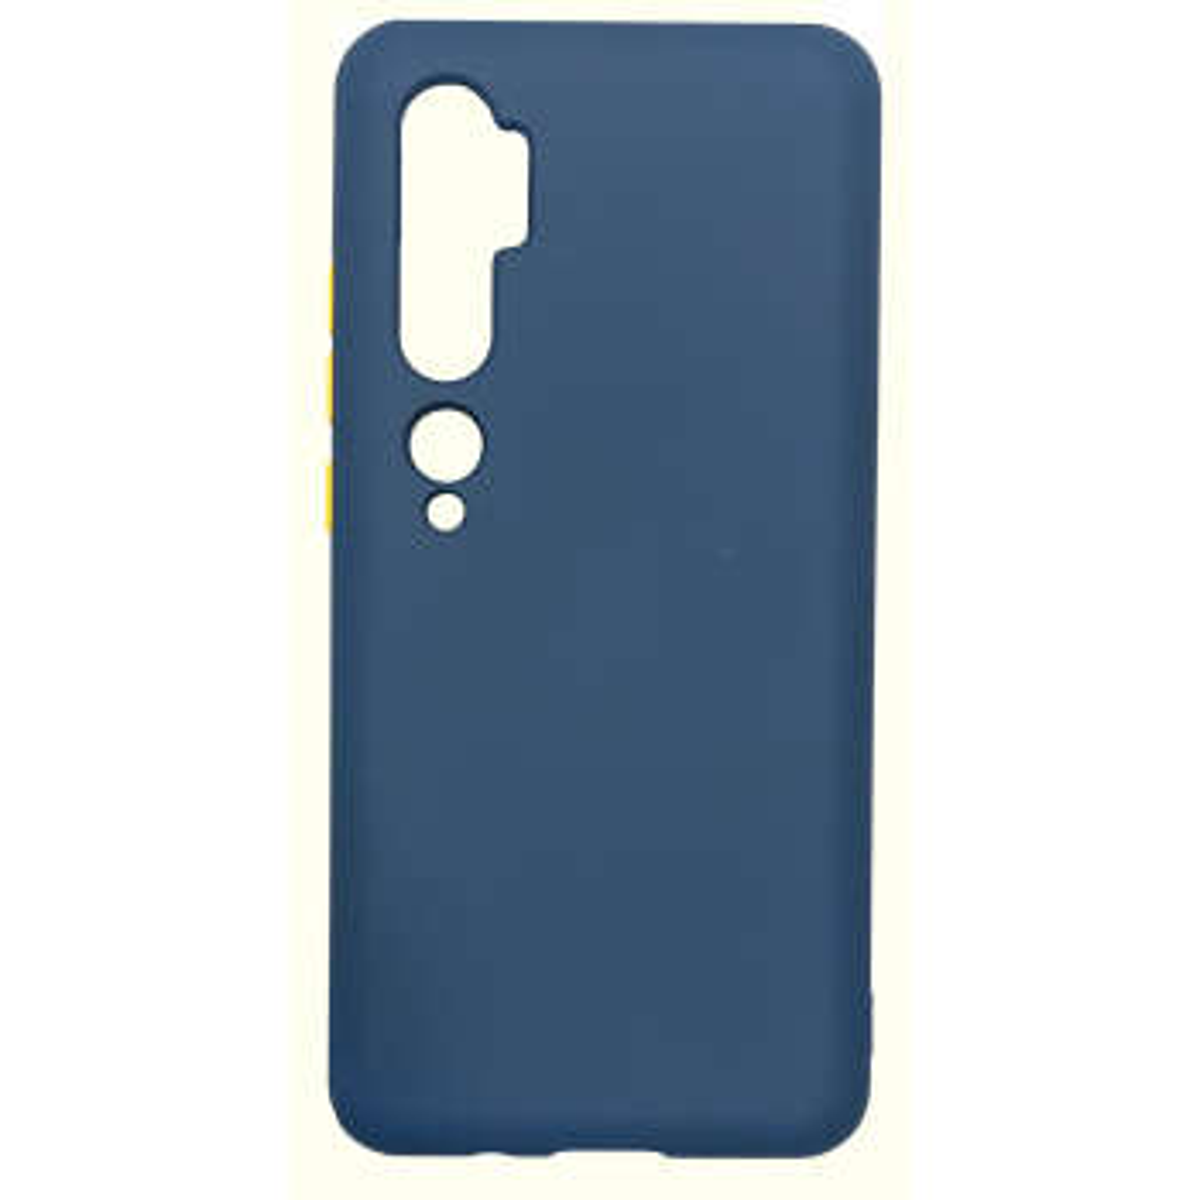 کاور کد ME-001 مناسب برای گوشی موبایل شیائومی Mi Note 10 / Note 10 Pro / CC9 Pro